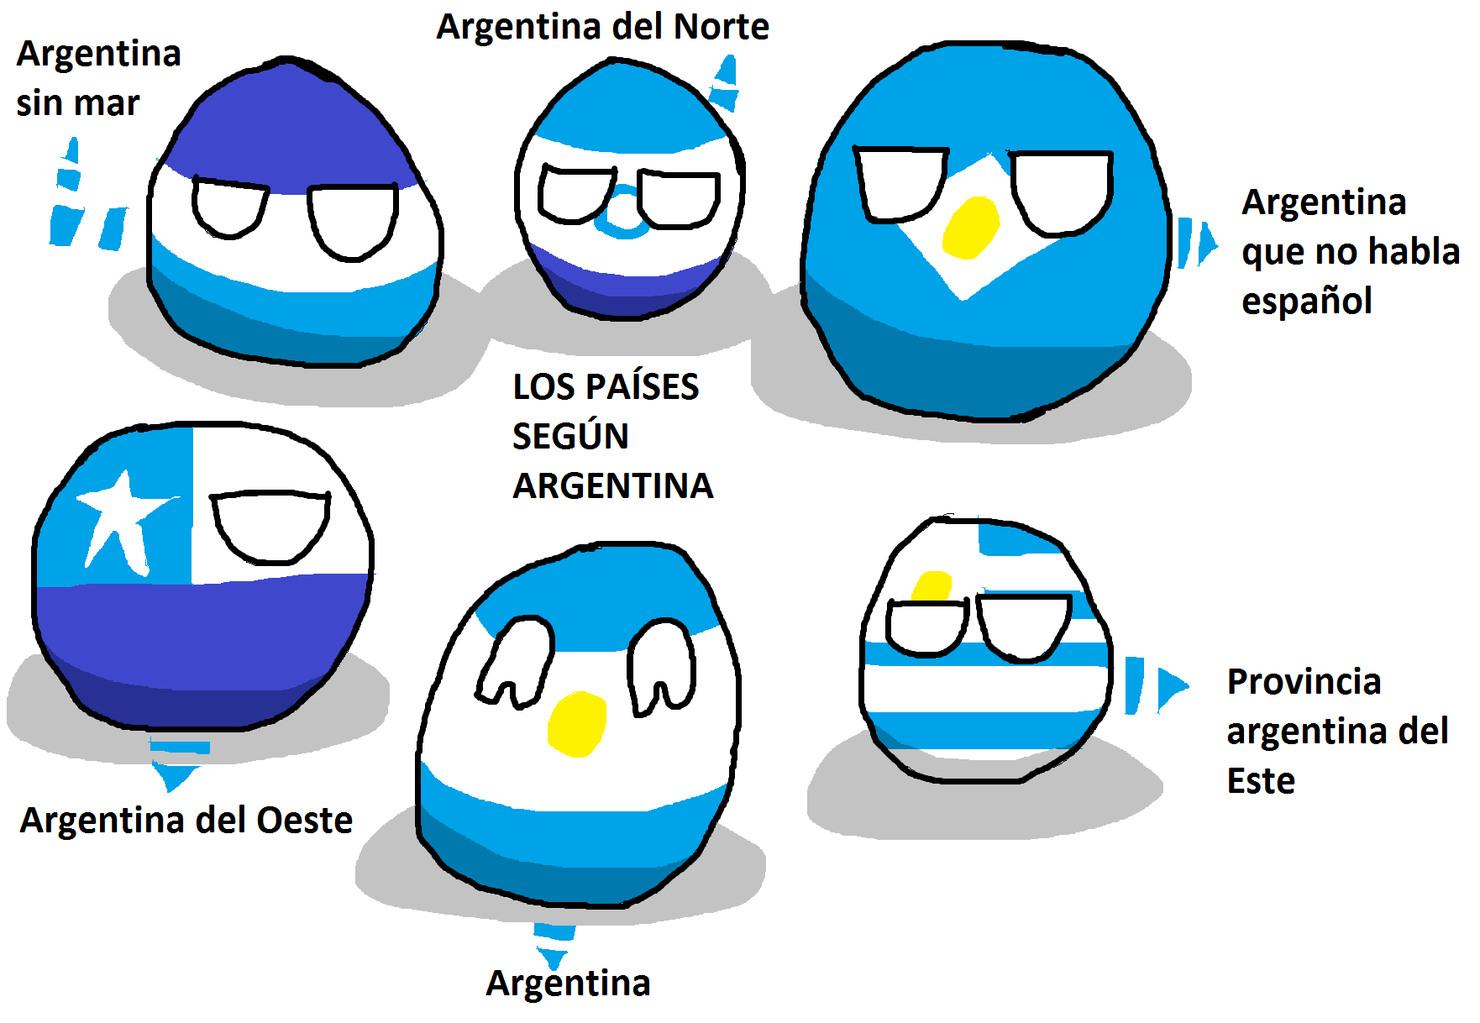 paises segun argentina - meme